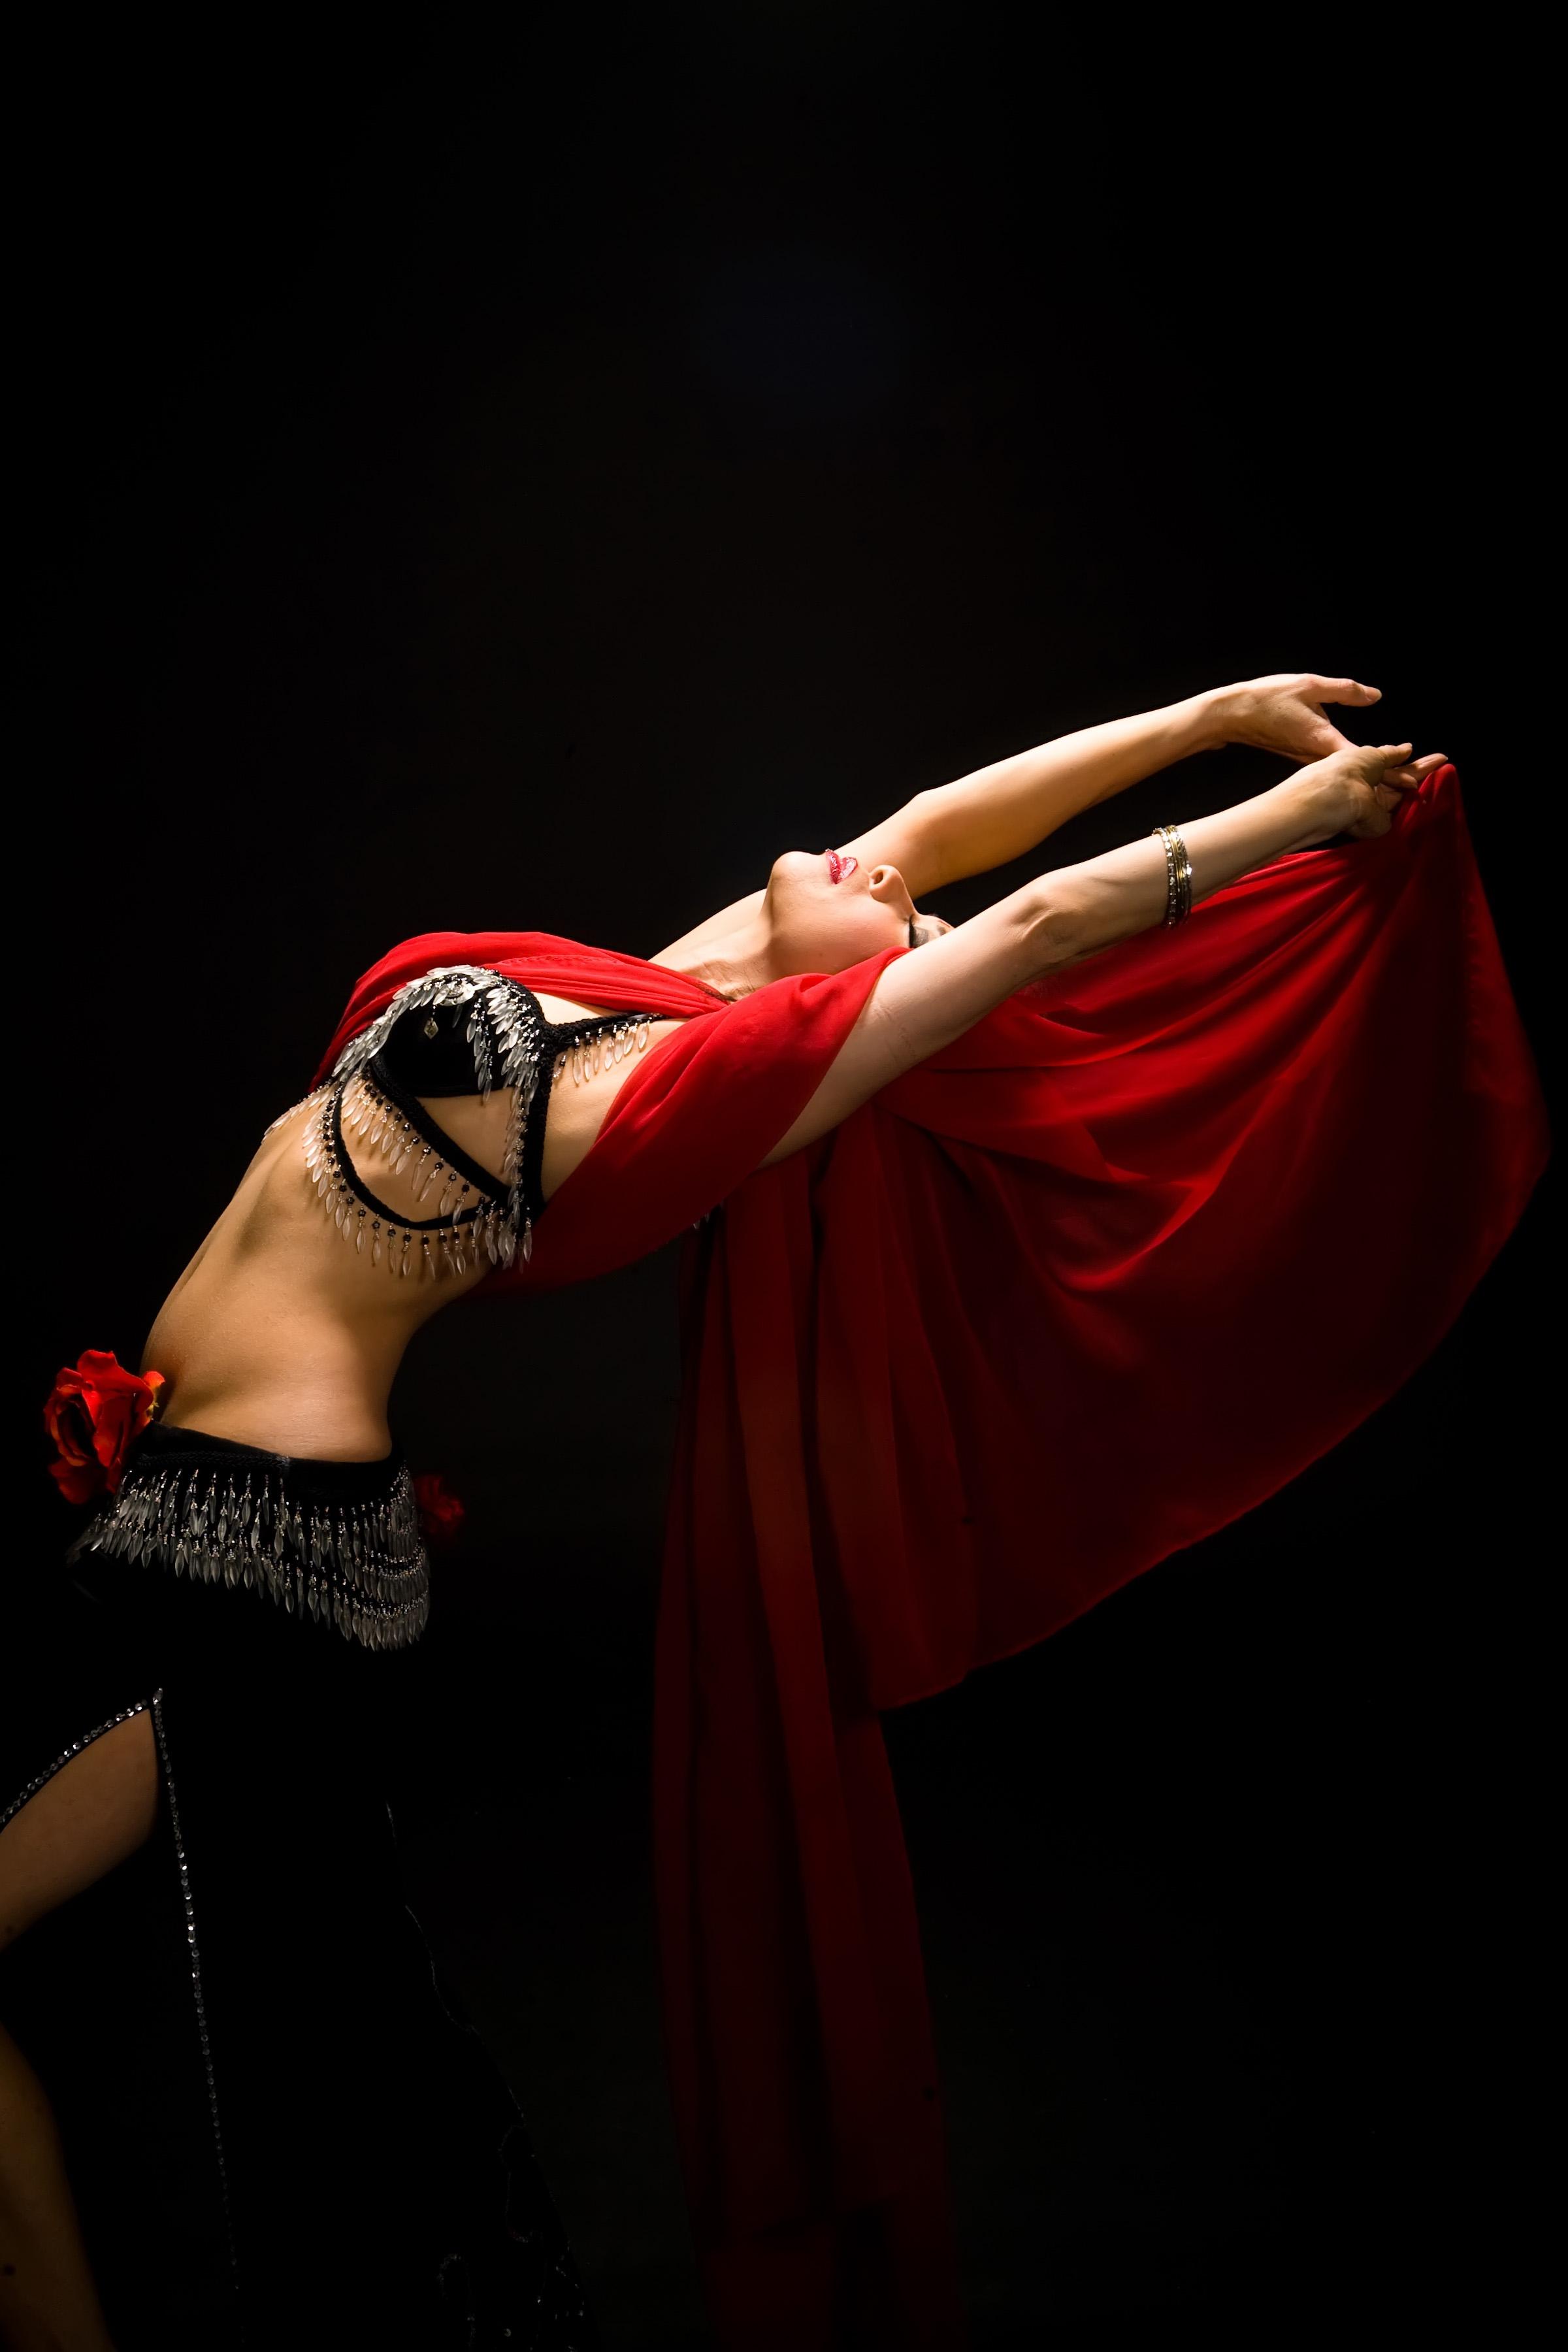 арабские танцы живота фото сзади всего космонавты фотографируют